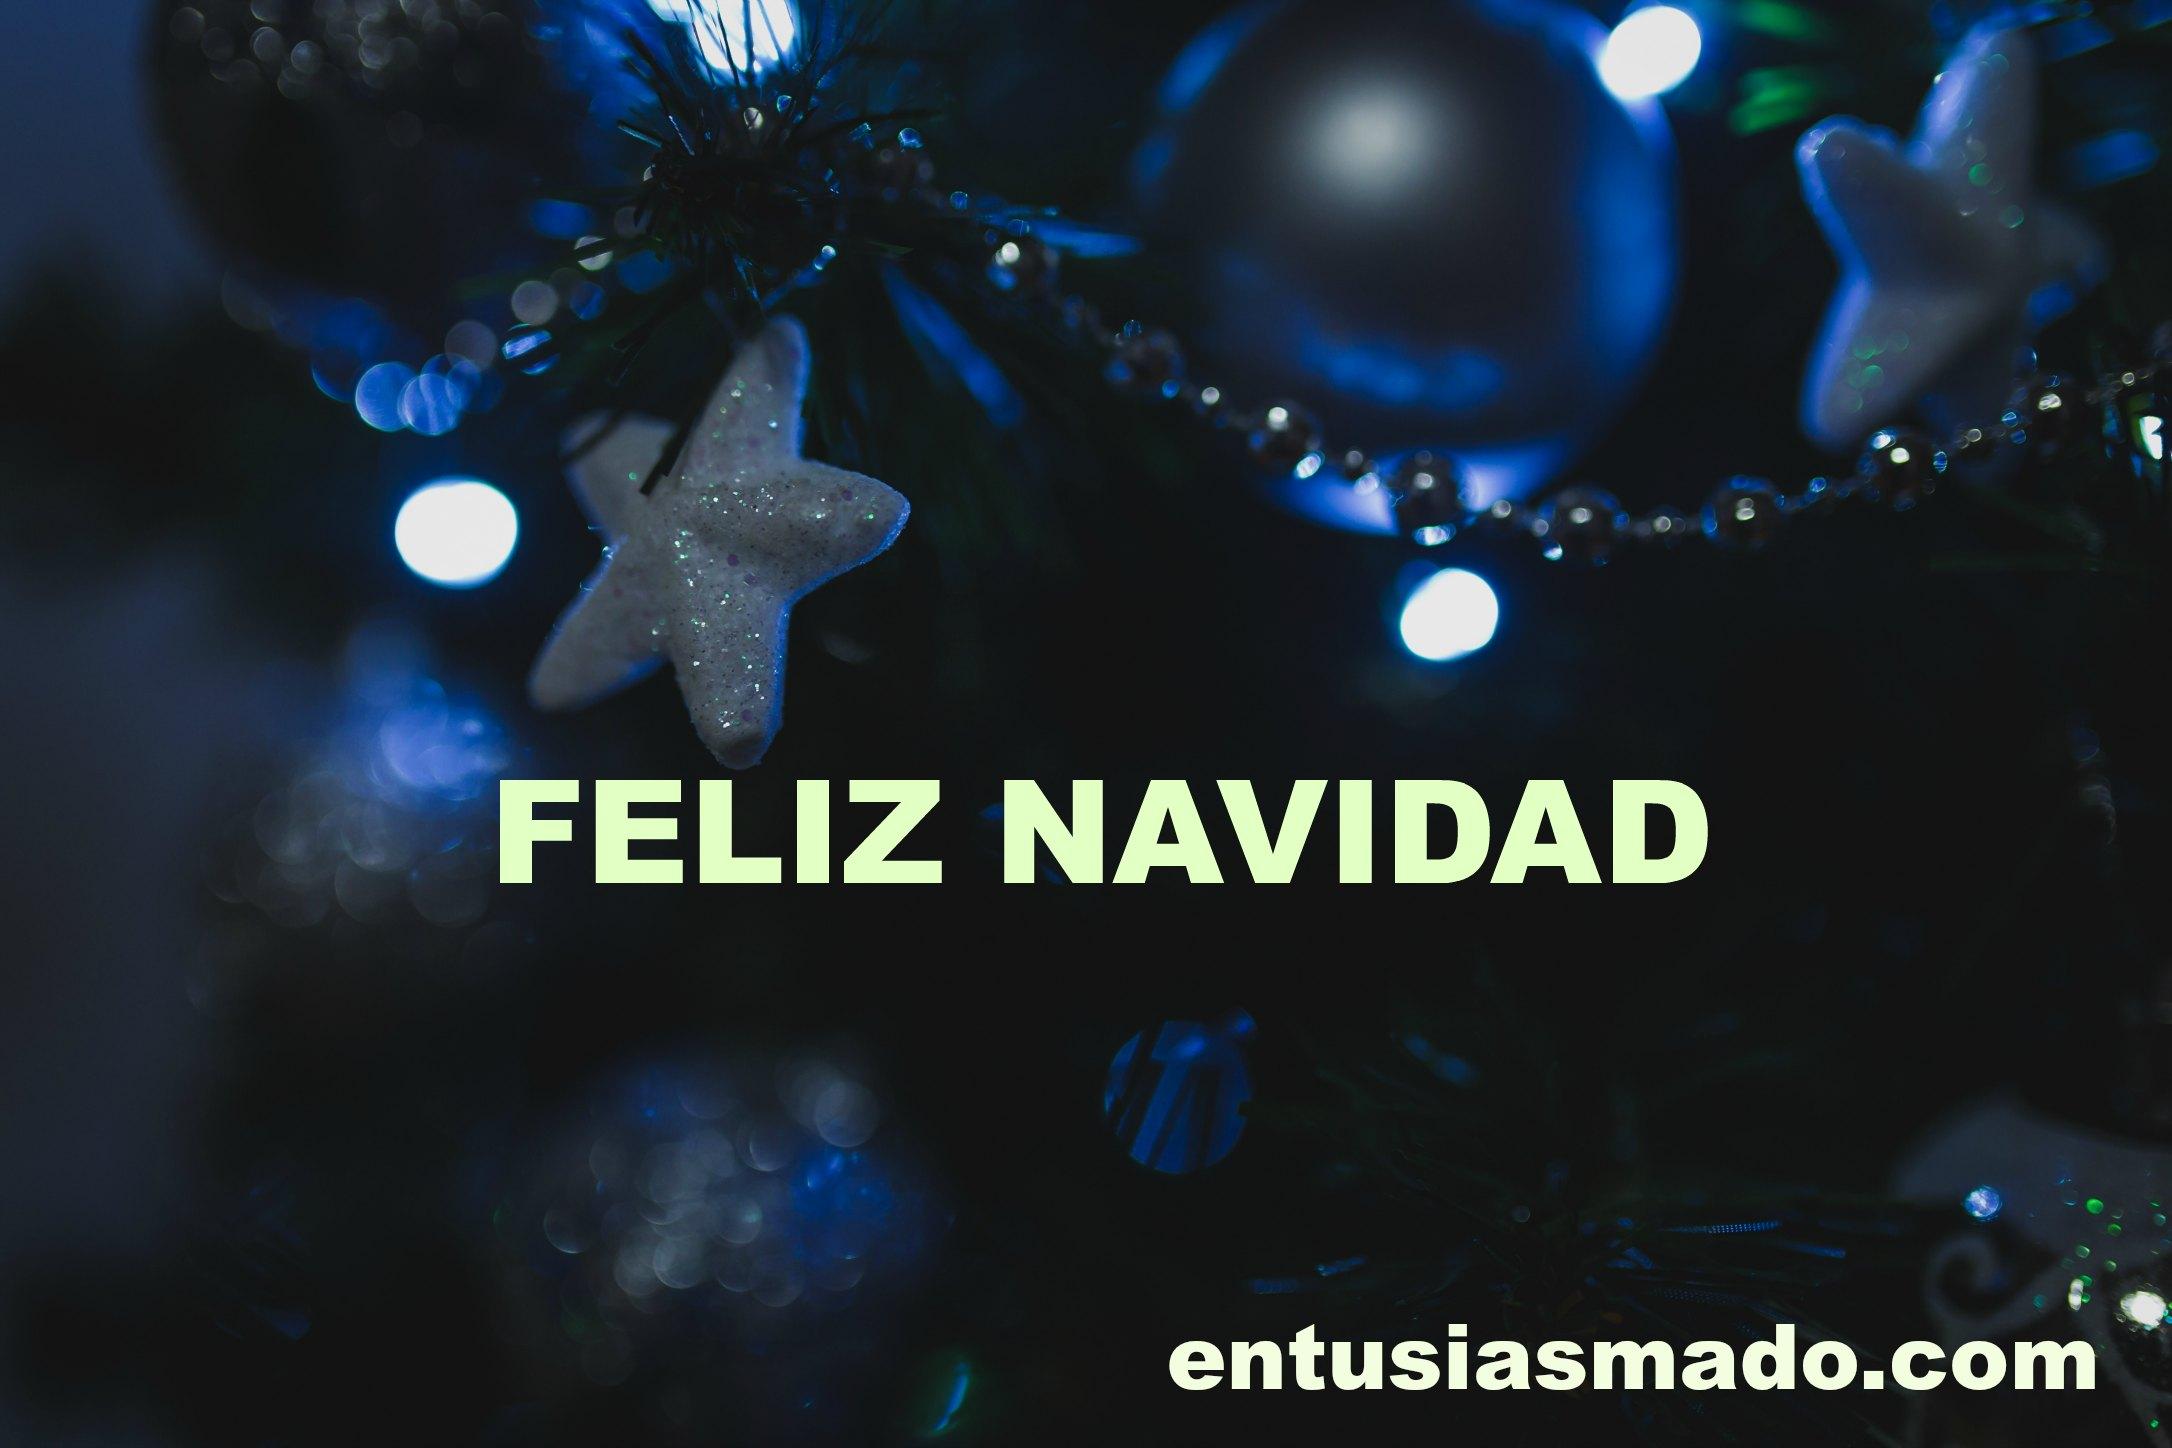 Feliz navidad Entusiasmado